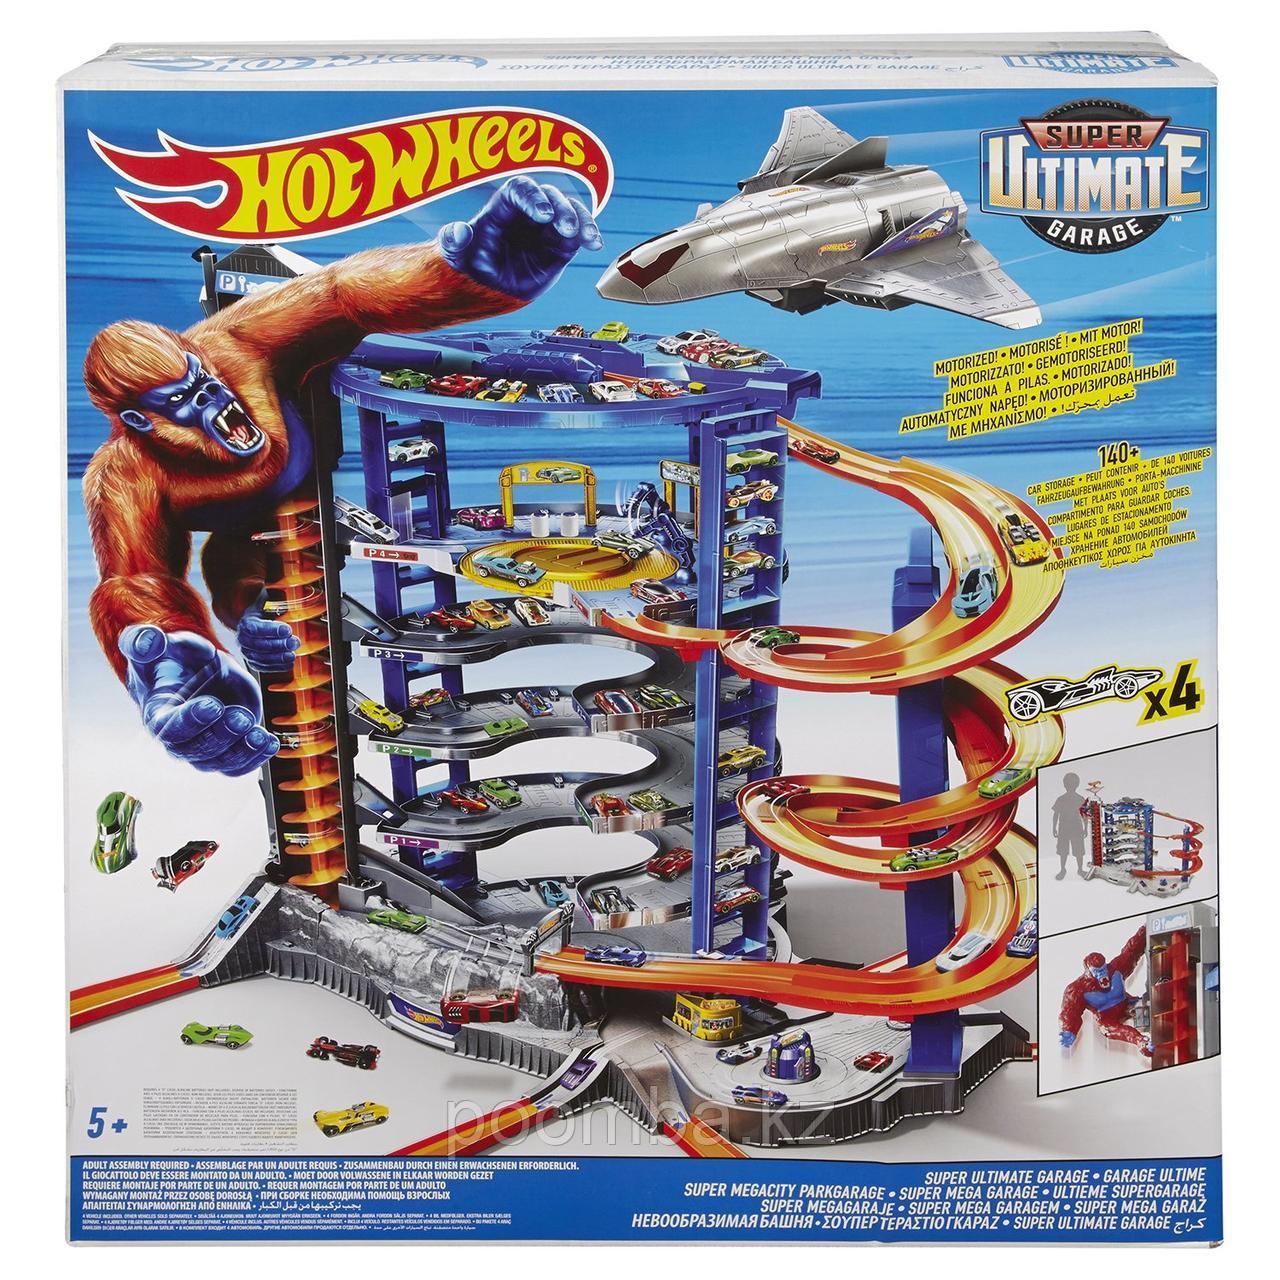 Трек Hot Wheels (Хот Вилс) Невообразимая Башня Super Ultimate Garage, 6-ти уровневый паркинг